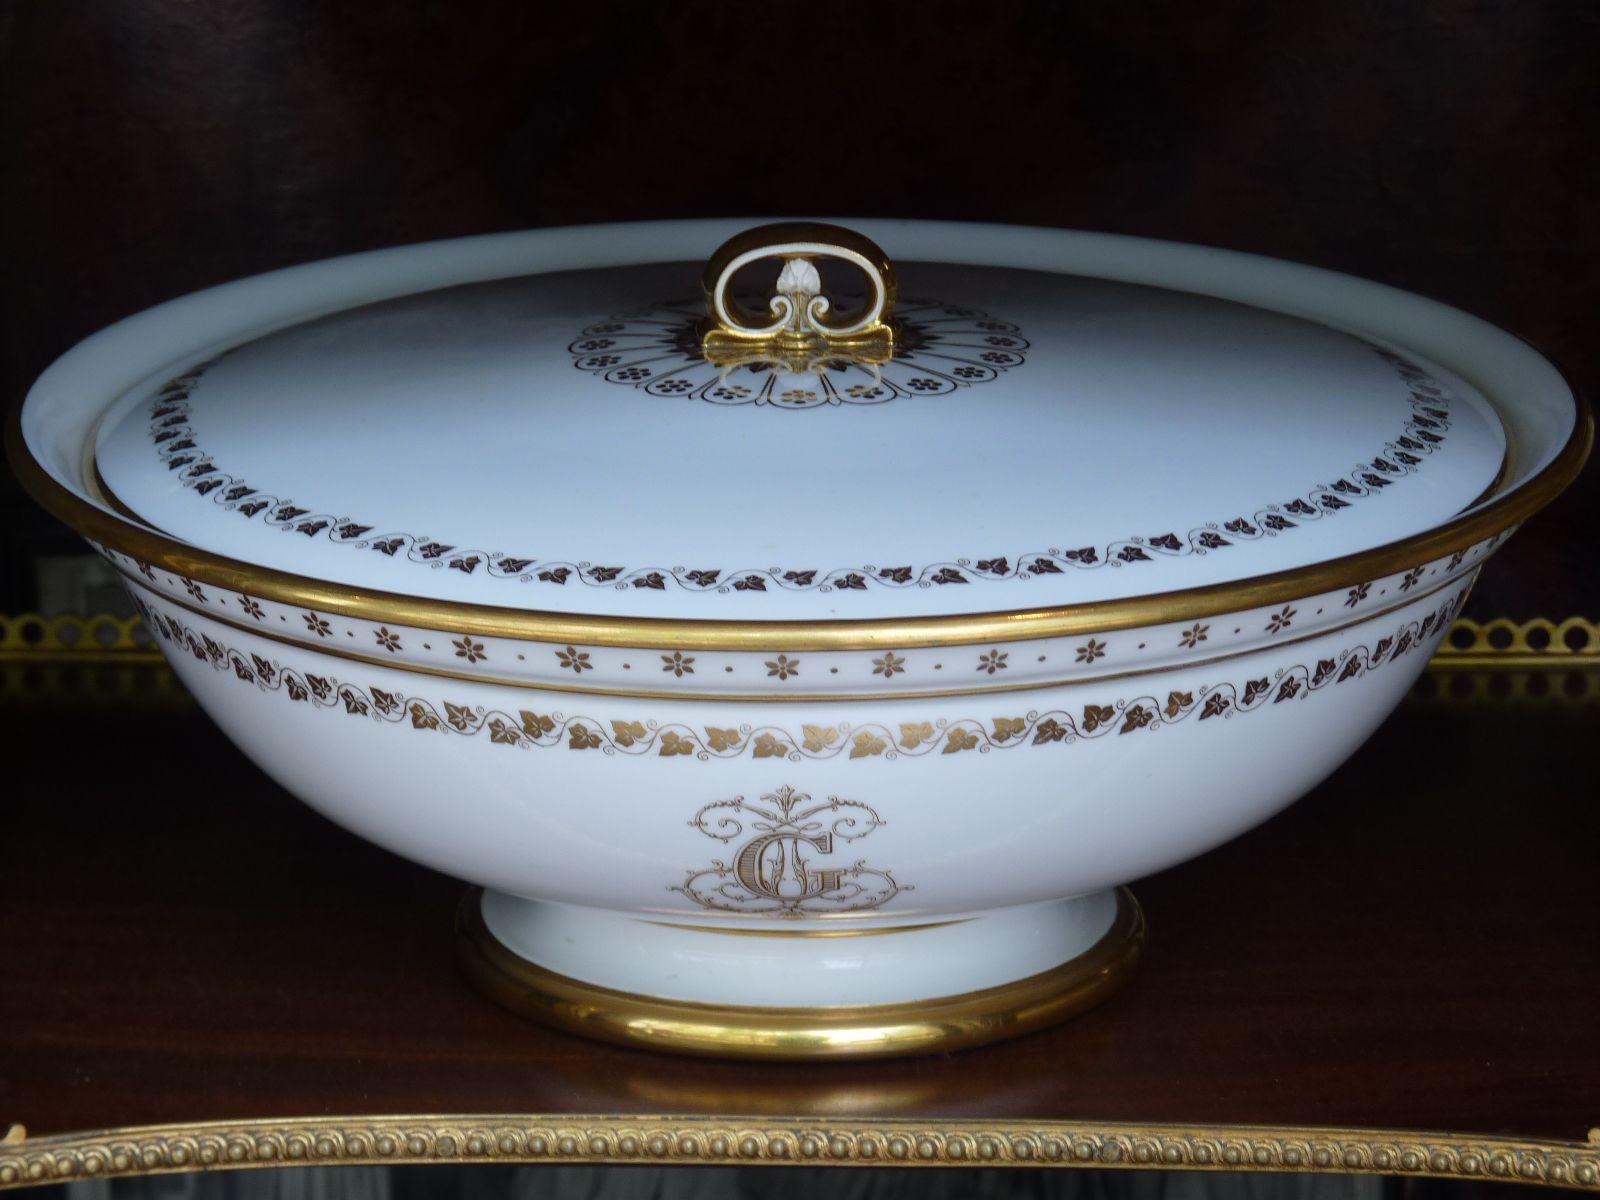 Porcelaine de Sèvres 1846, Jatte Couverte à Décor Or de Feuilles de Lierre